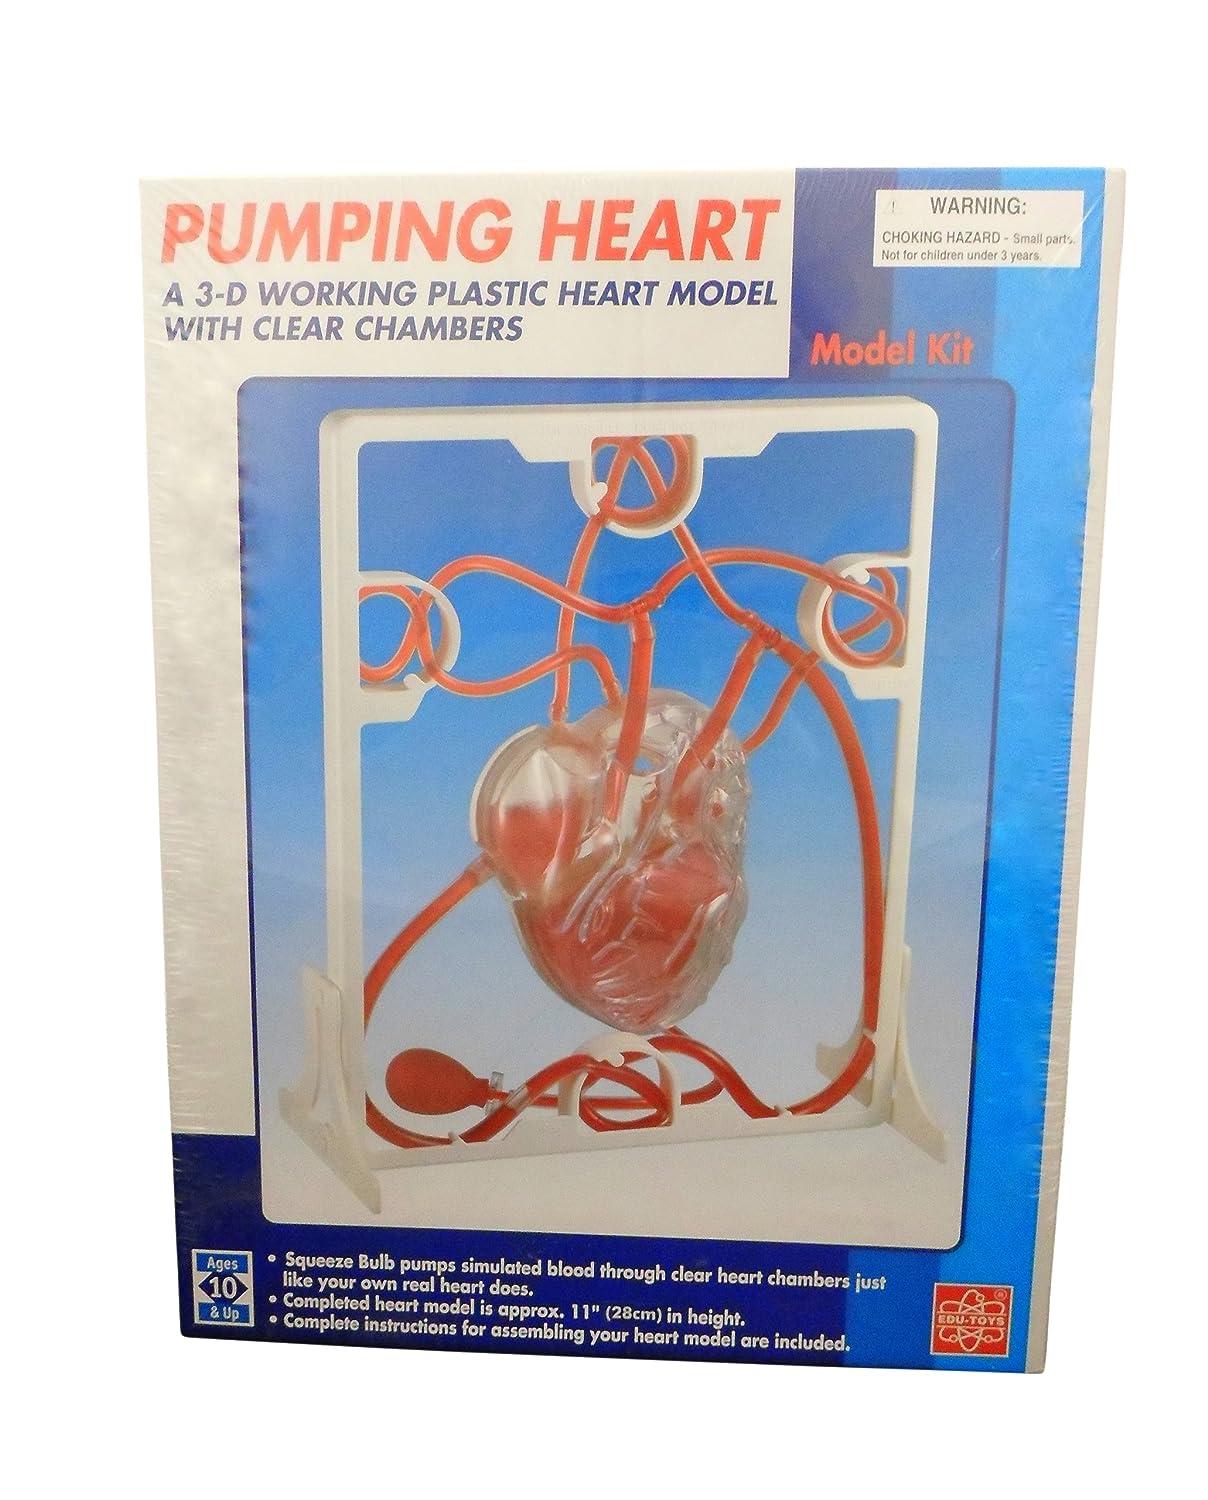 Ajax Scientific AN090-0000 Three-Dimensional Plastic Pumping Heart Model Kit, 11' Height